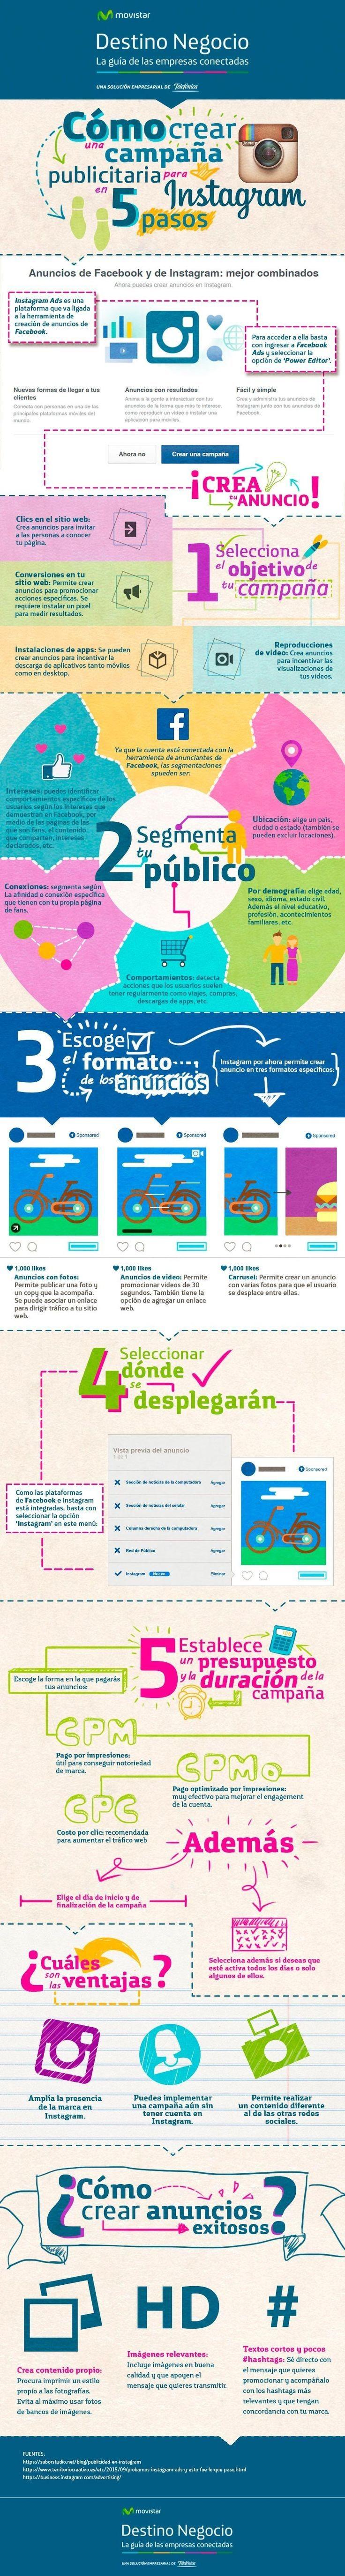 Calendario Planeador 2017 Colombia Para Imprimir Más Reciente Mejores 2901 Imágenes De Pensar En Pinterest